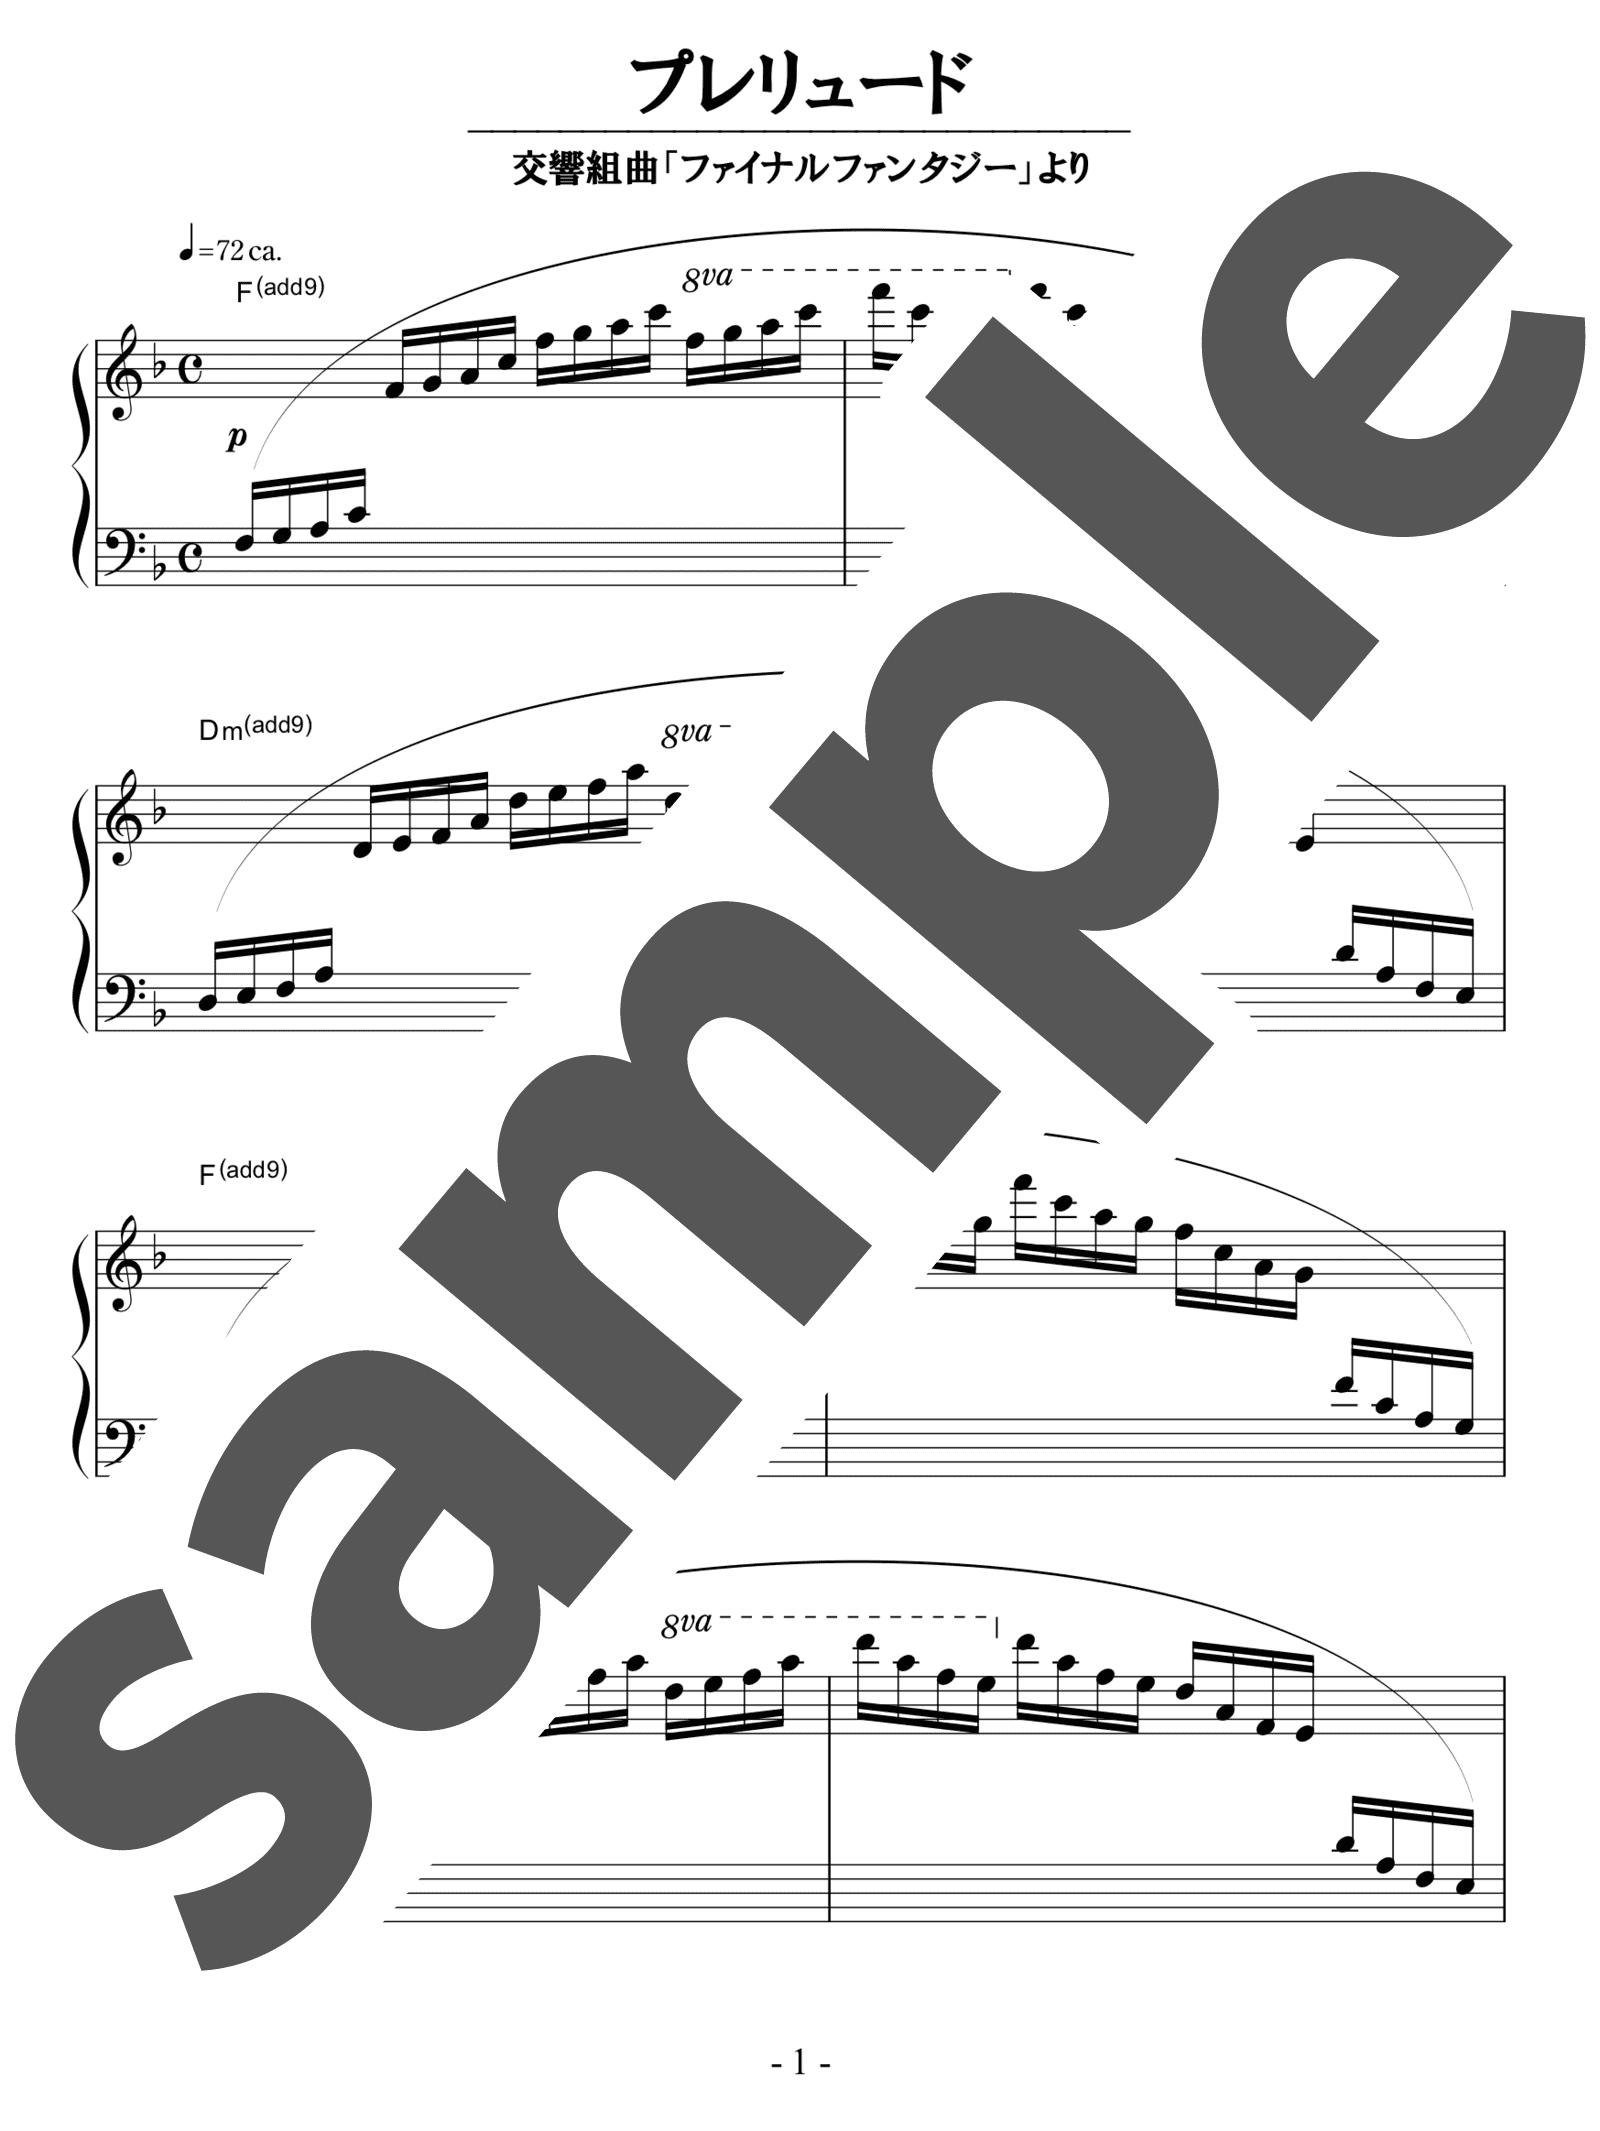 「プレリュード」のサンプル楽譜